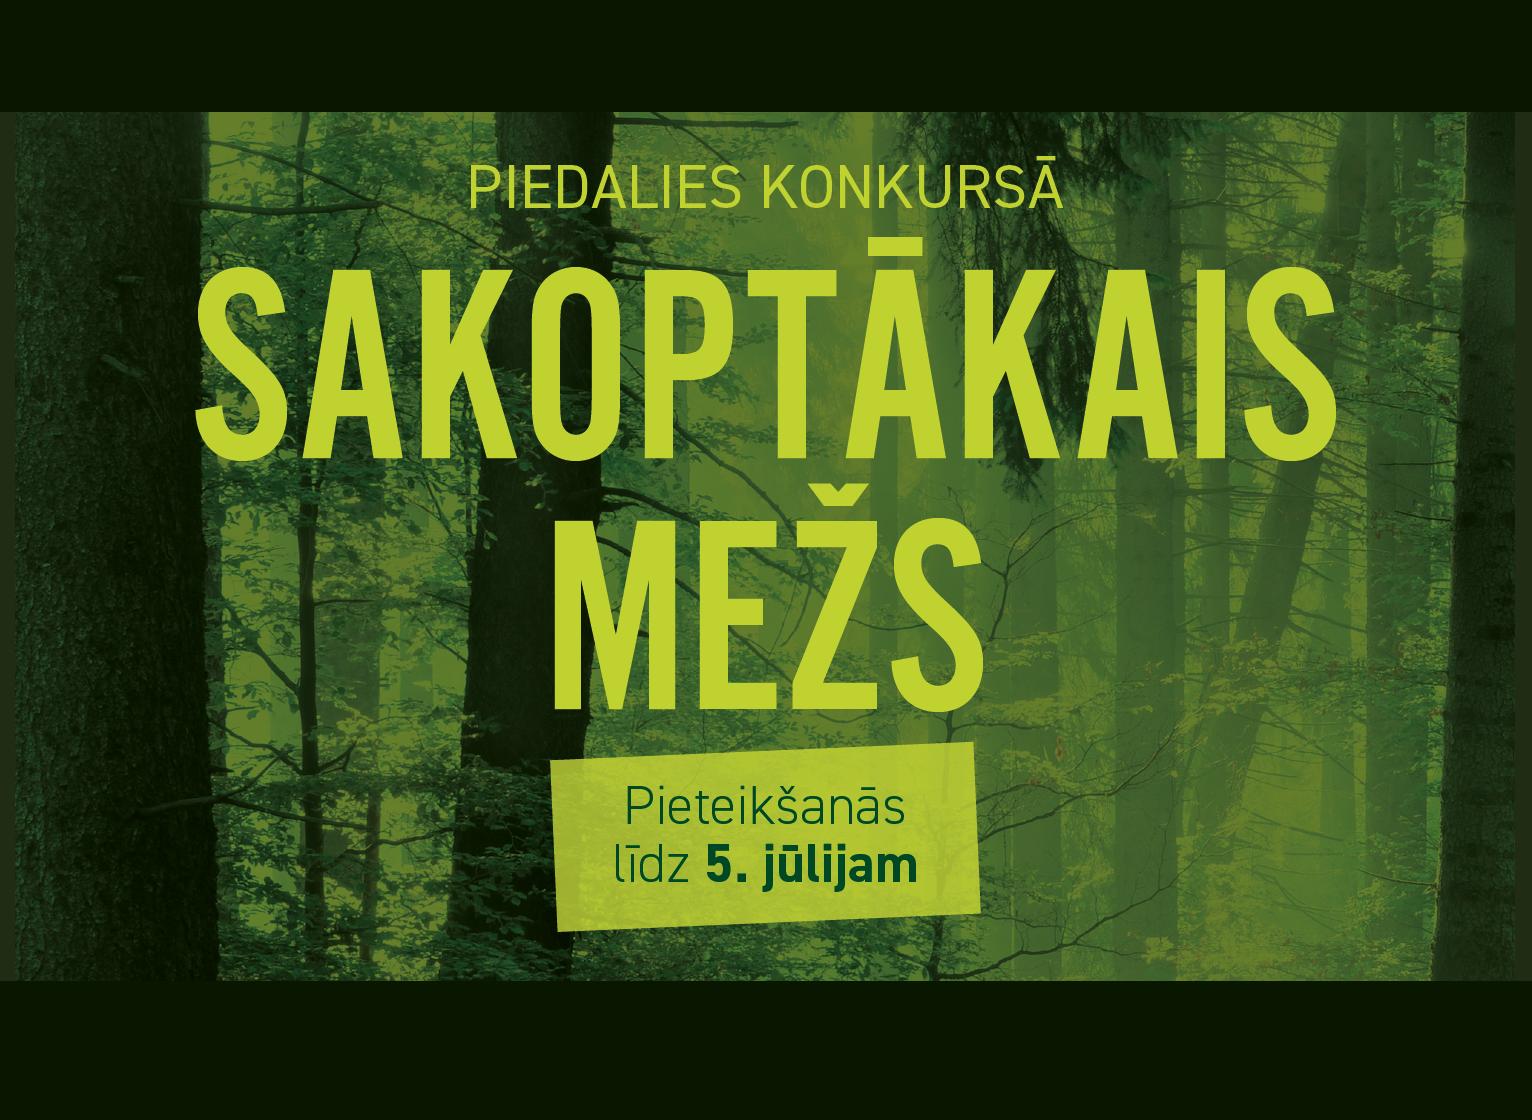 """Latvijas Meža īpašnieku biedrība aicina mežsaimniekus piedalīties konkursā """"Sakoptākais mežs"""""""